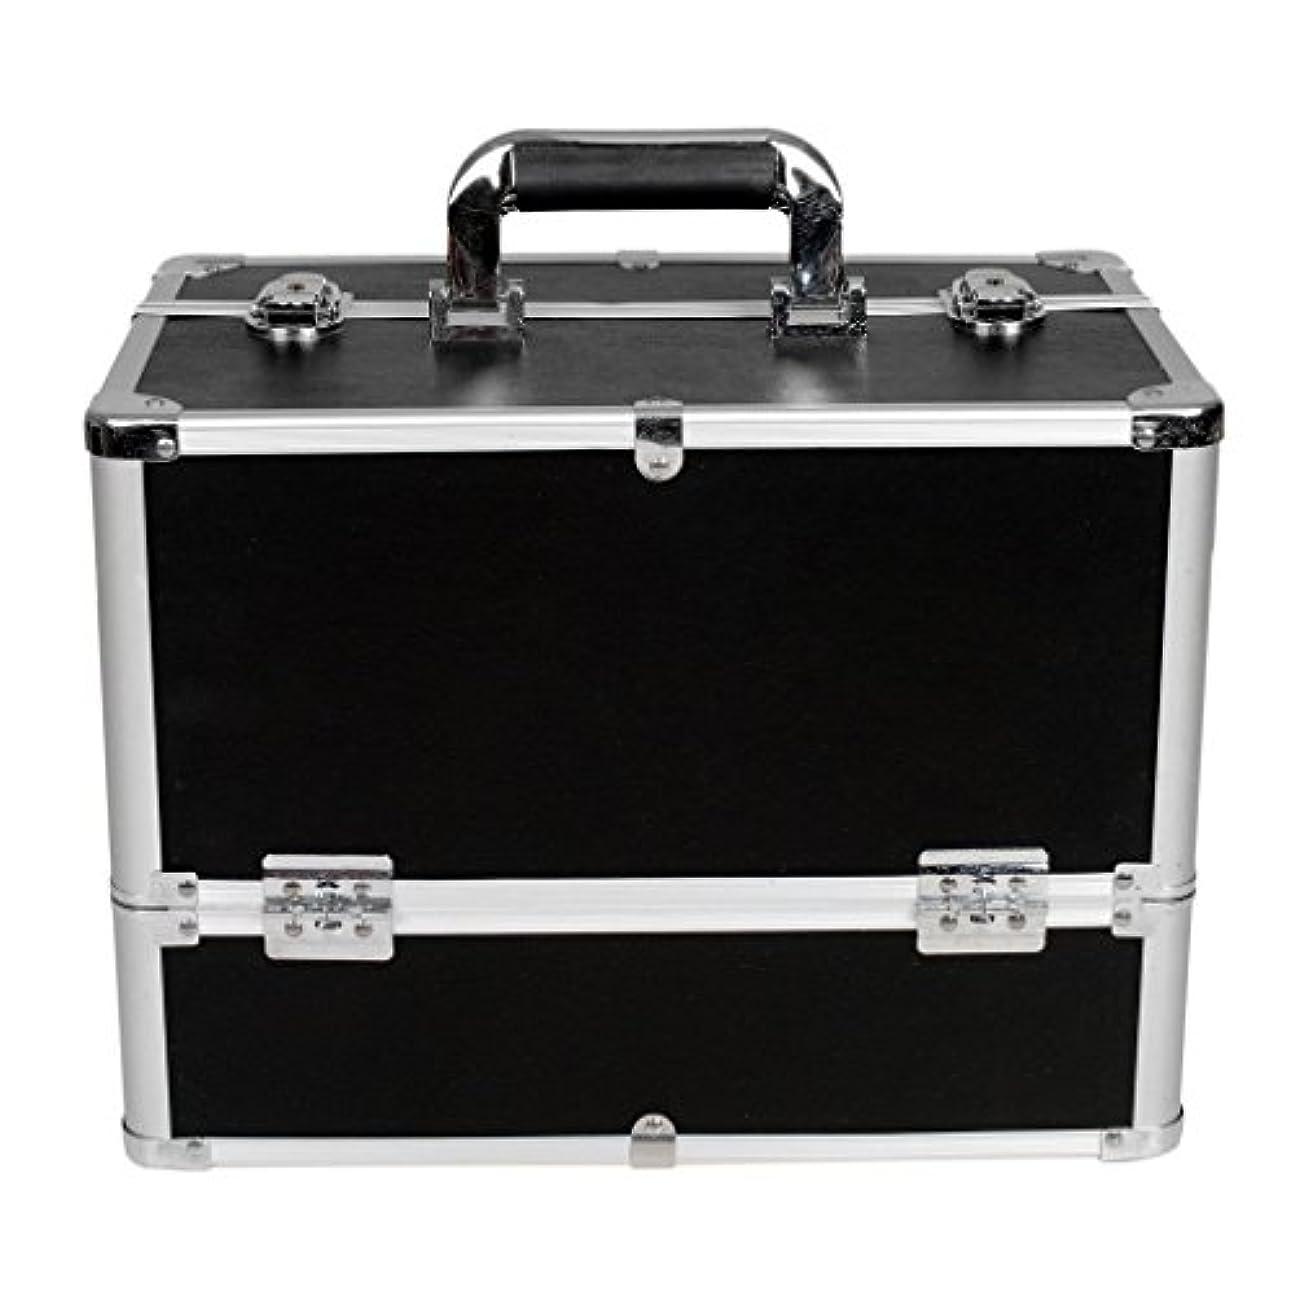 観点ライナー意図する[プロ仕様]Hapilife メイクボックス 大容量 6つトレイ 幅37cm ネイル ジュエリー ドライヤー アクセサリー シューケア用品 収納ケース ブラック